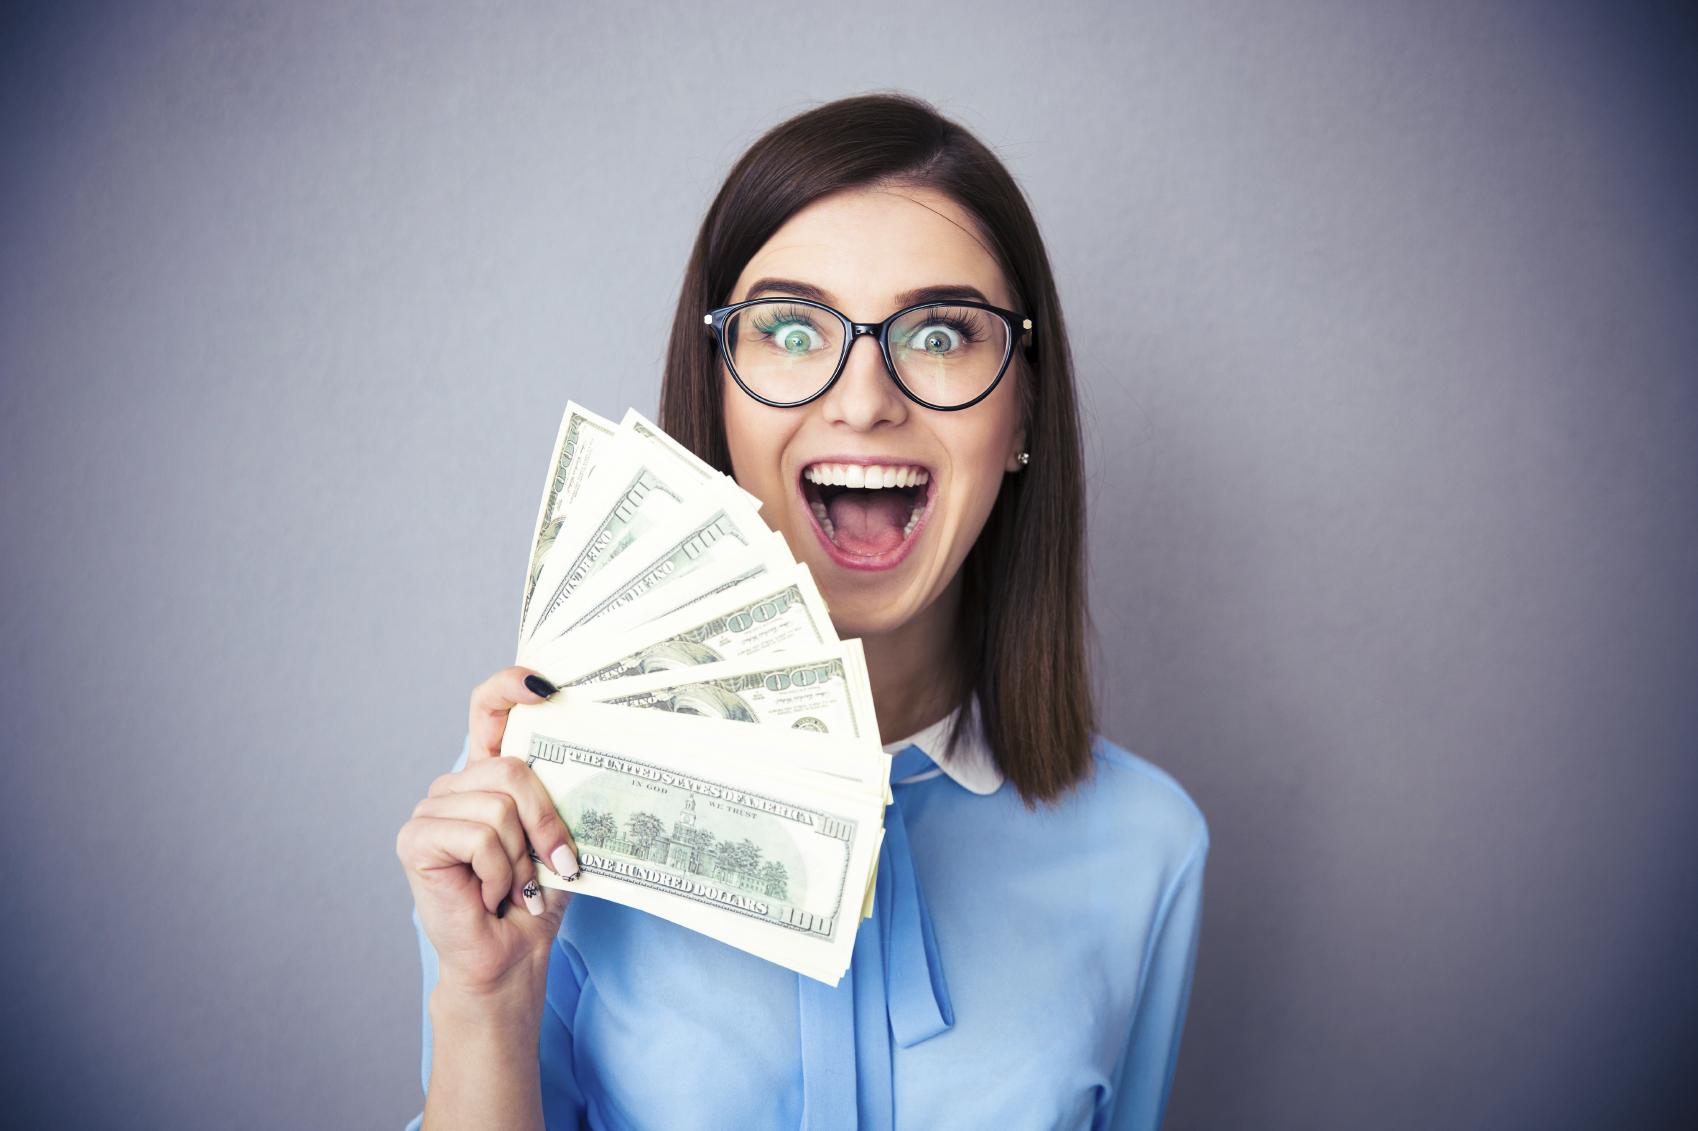 In ETFs sieht Stiftung Warentest die perfekte Geldanlage für jeden